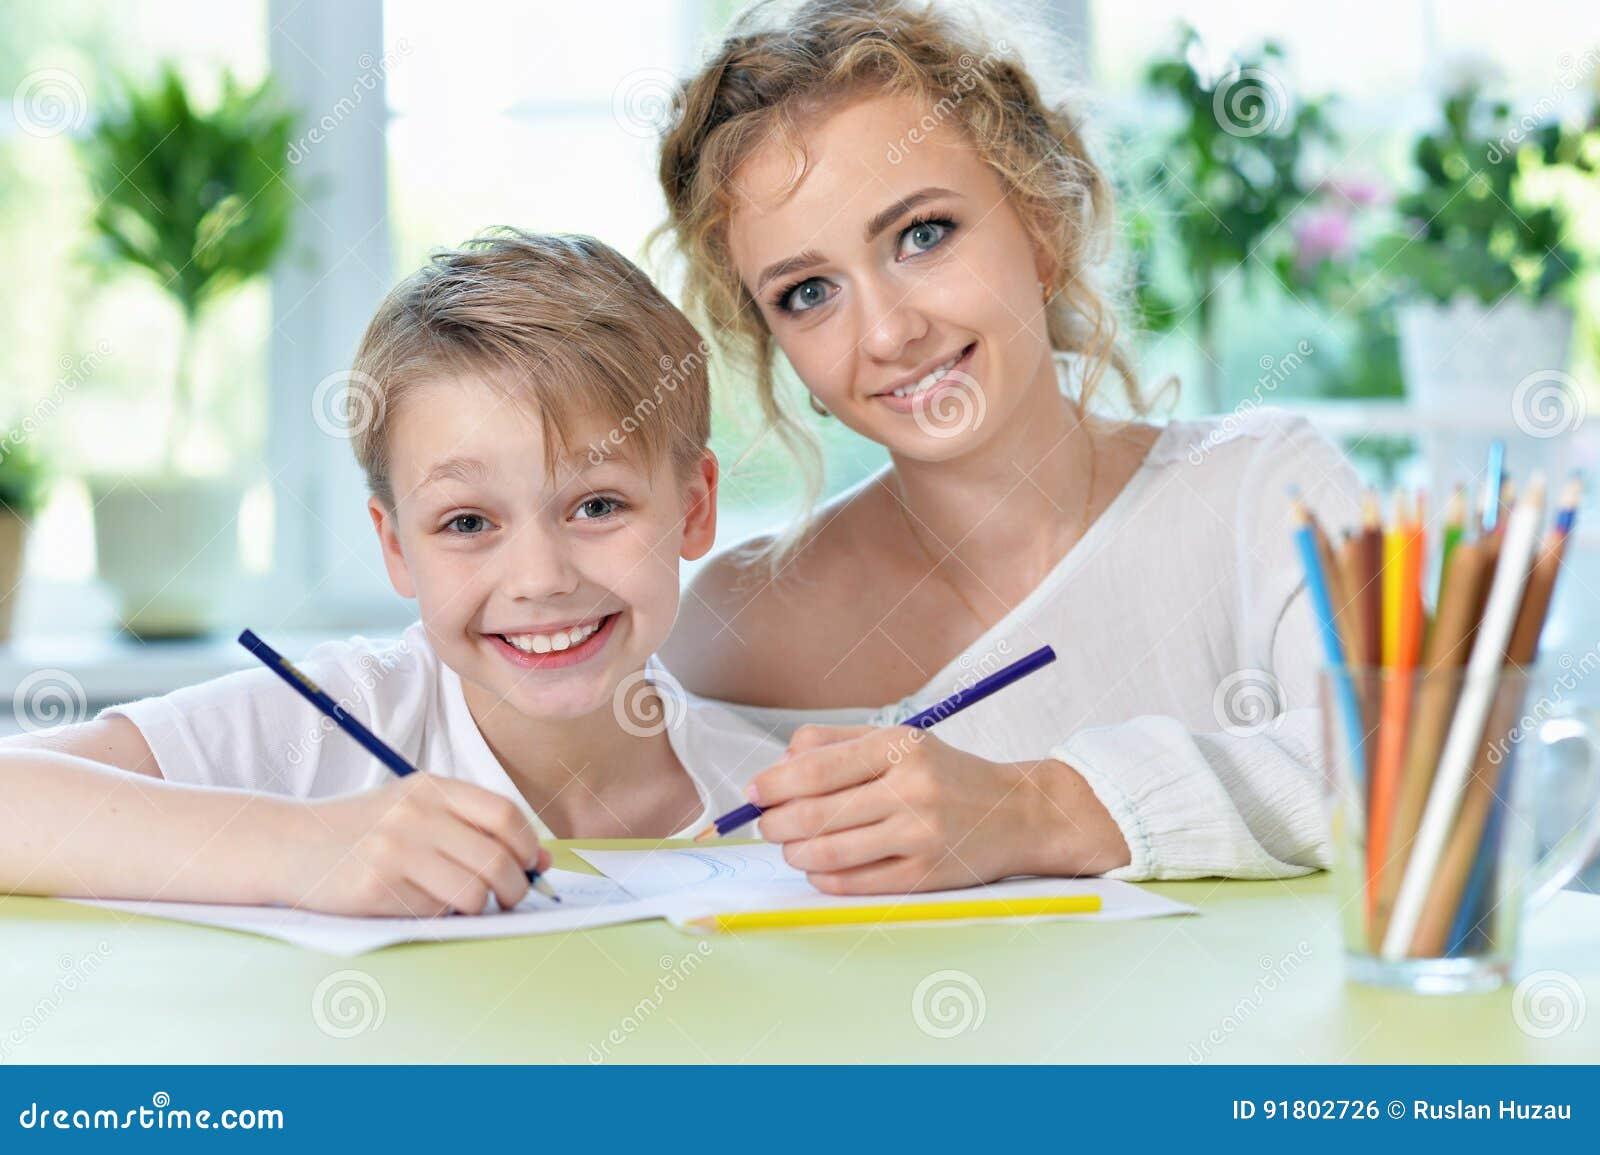 Сын делал уроки и трахнул маму, Реальный инцест, сын трахнул маму порно видео онлайн 21 фотография